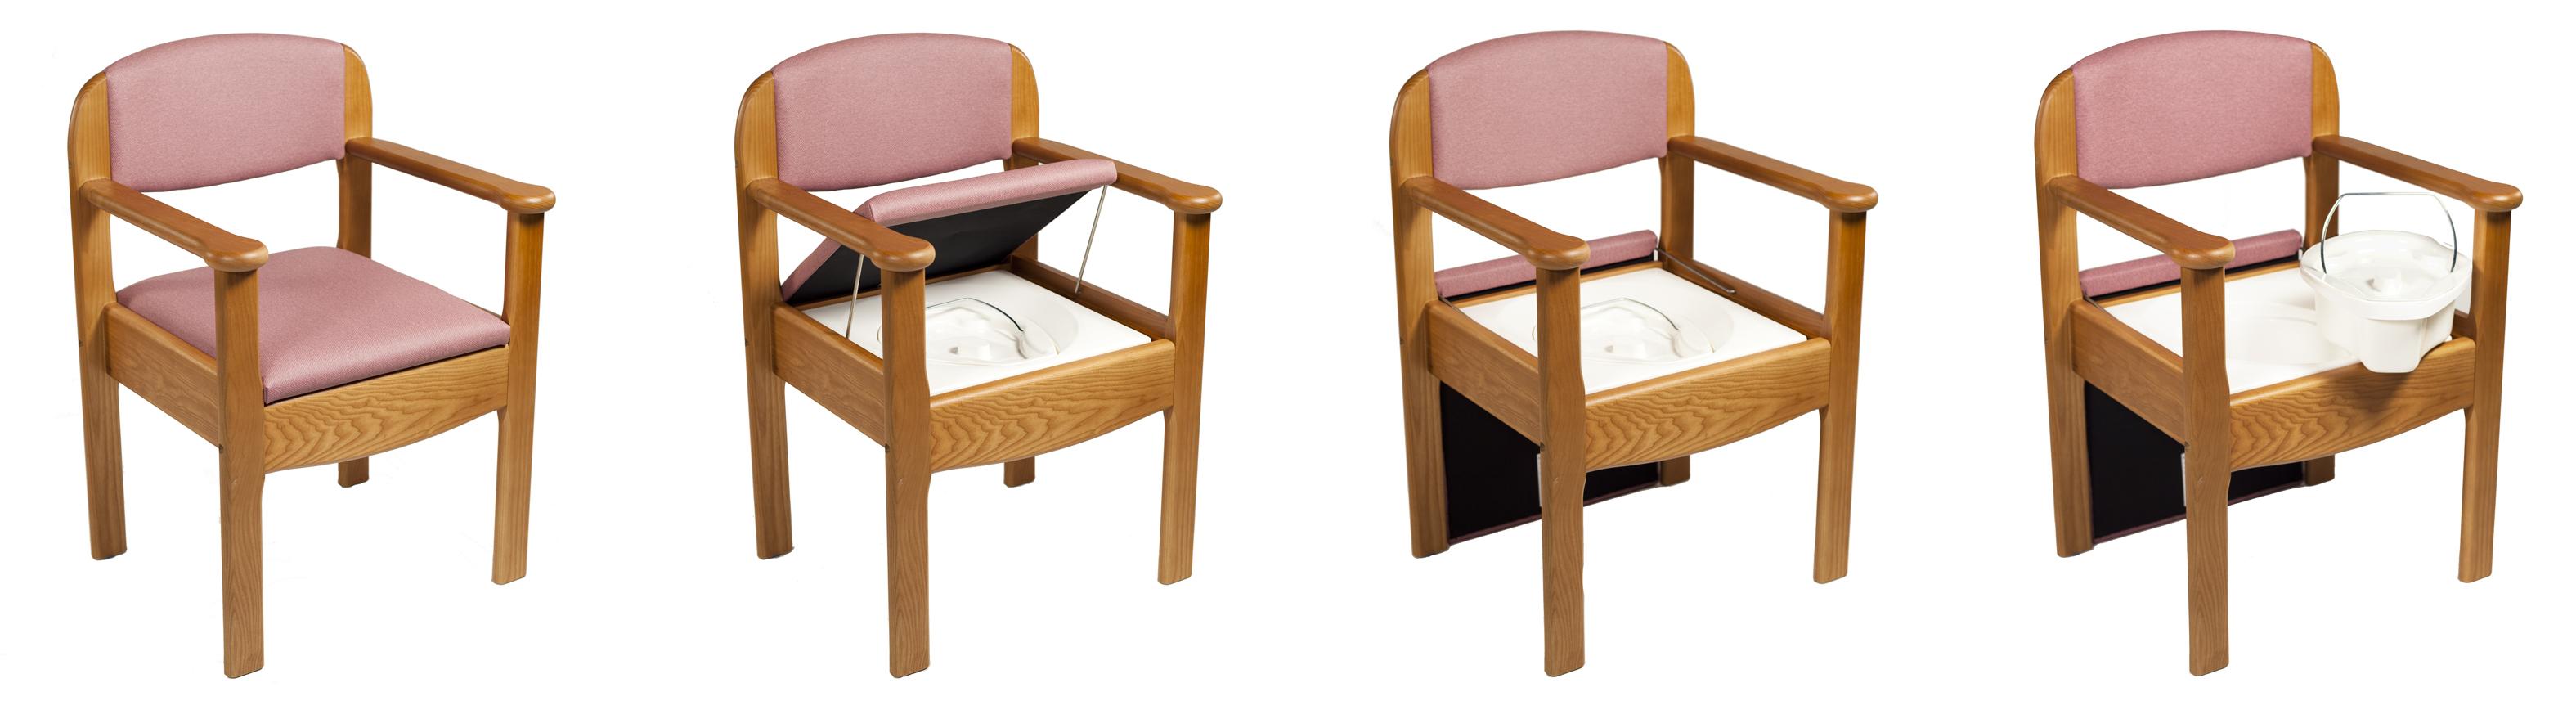 Silla w c de madera royal ortopedia geriayuda for Sillas para inodoros